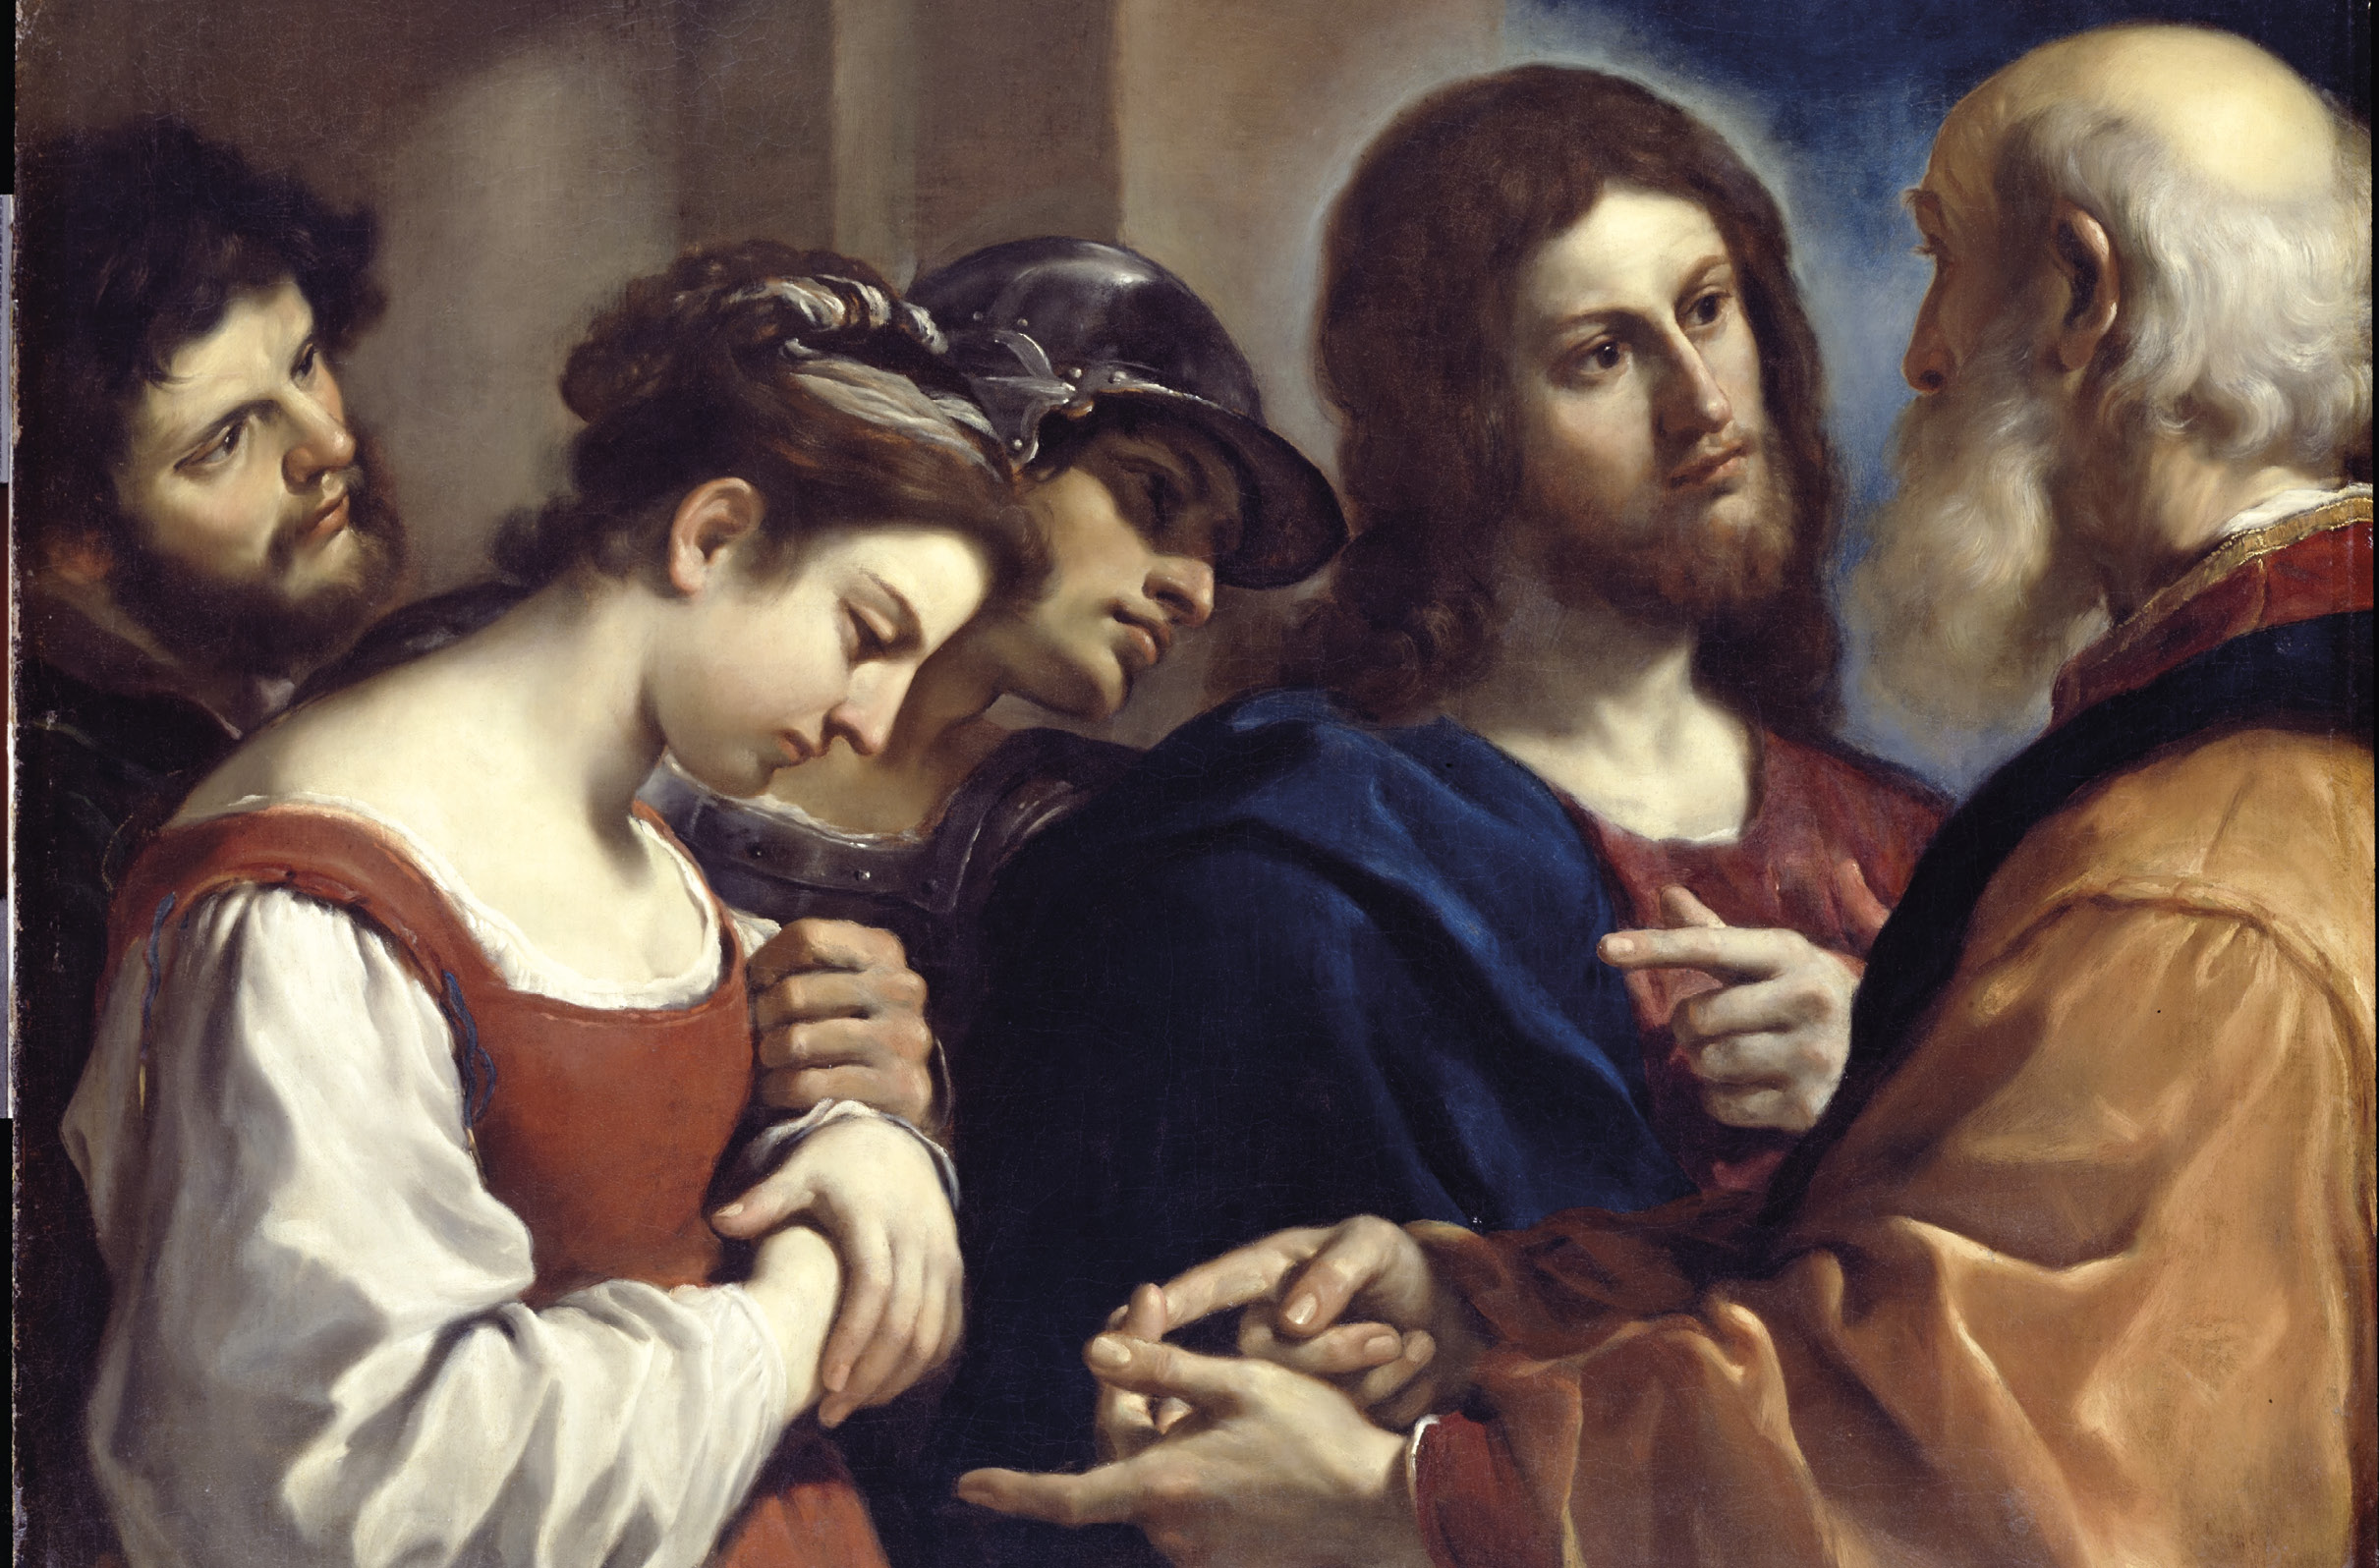 A mulher apanhada em adultério, óleo sobre de tela de Guercino, 1621. Wikimedia Commons.